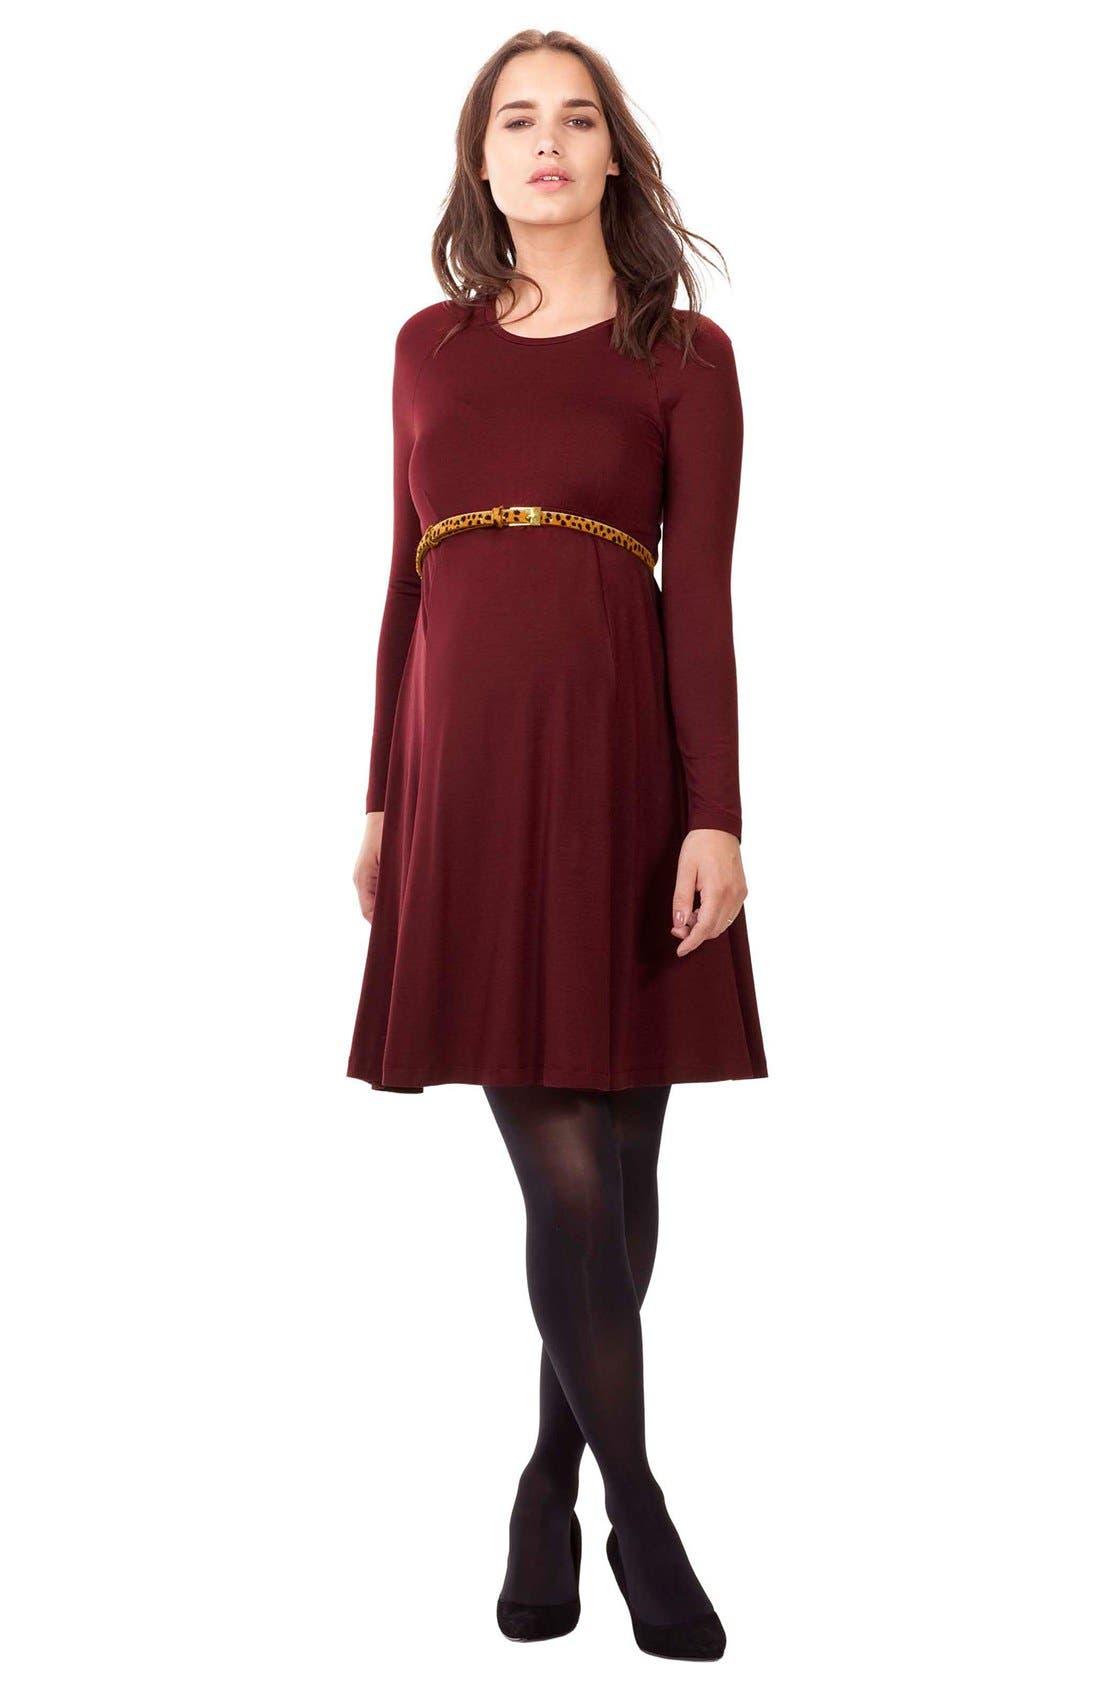 Alternate Image 1 Selected - Isabella Oliver 'Danbury' Belted Maternity Skater Dress